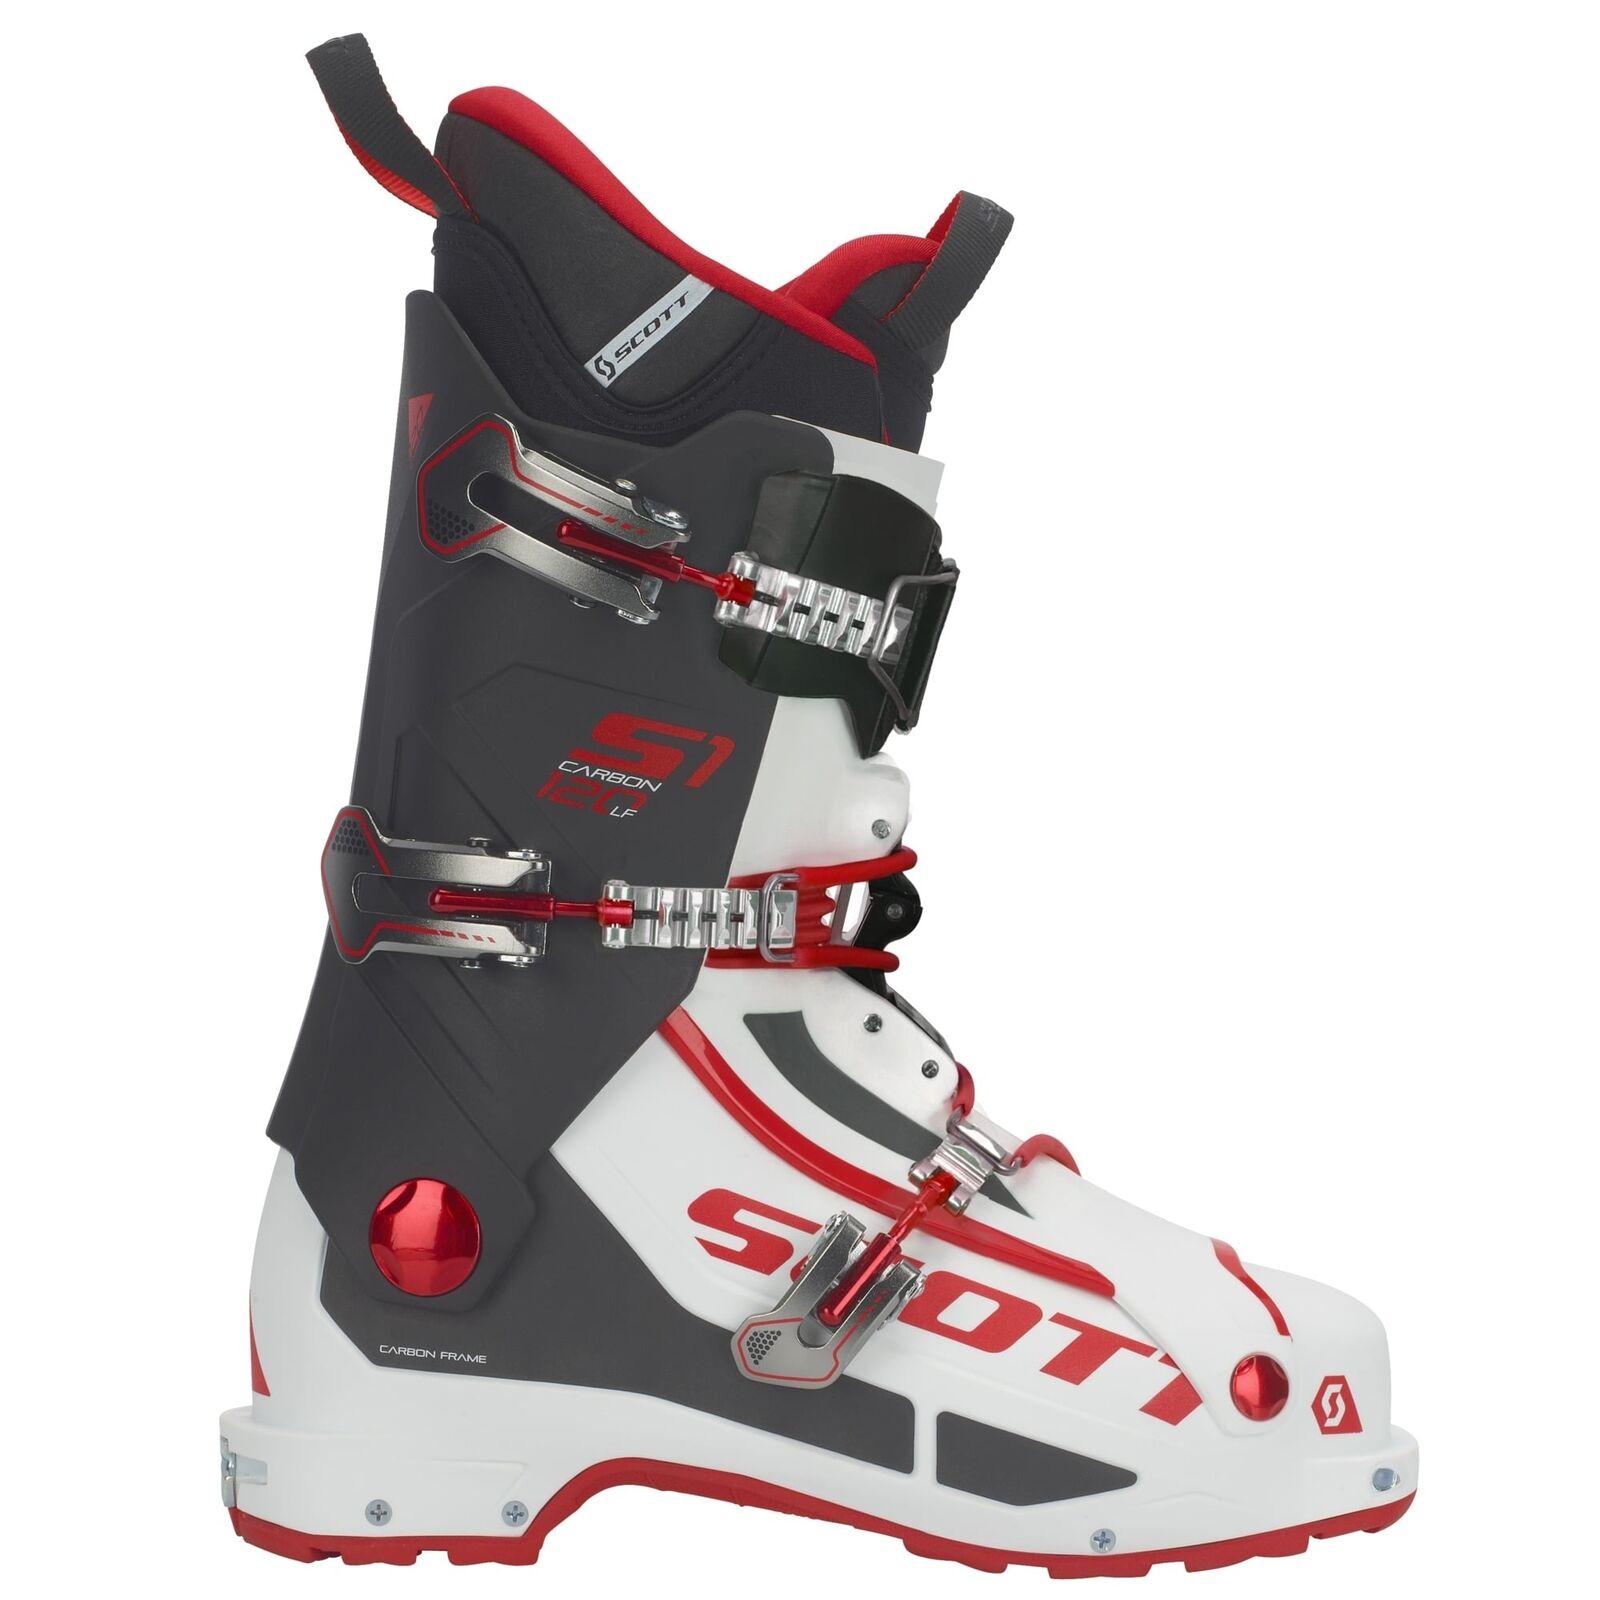 Ski Touring Scott S1 Carbon Longfiber